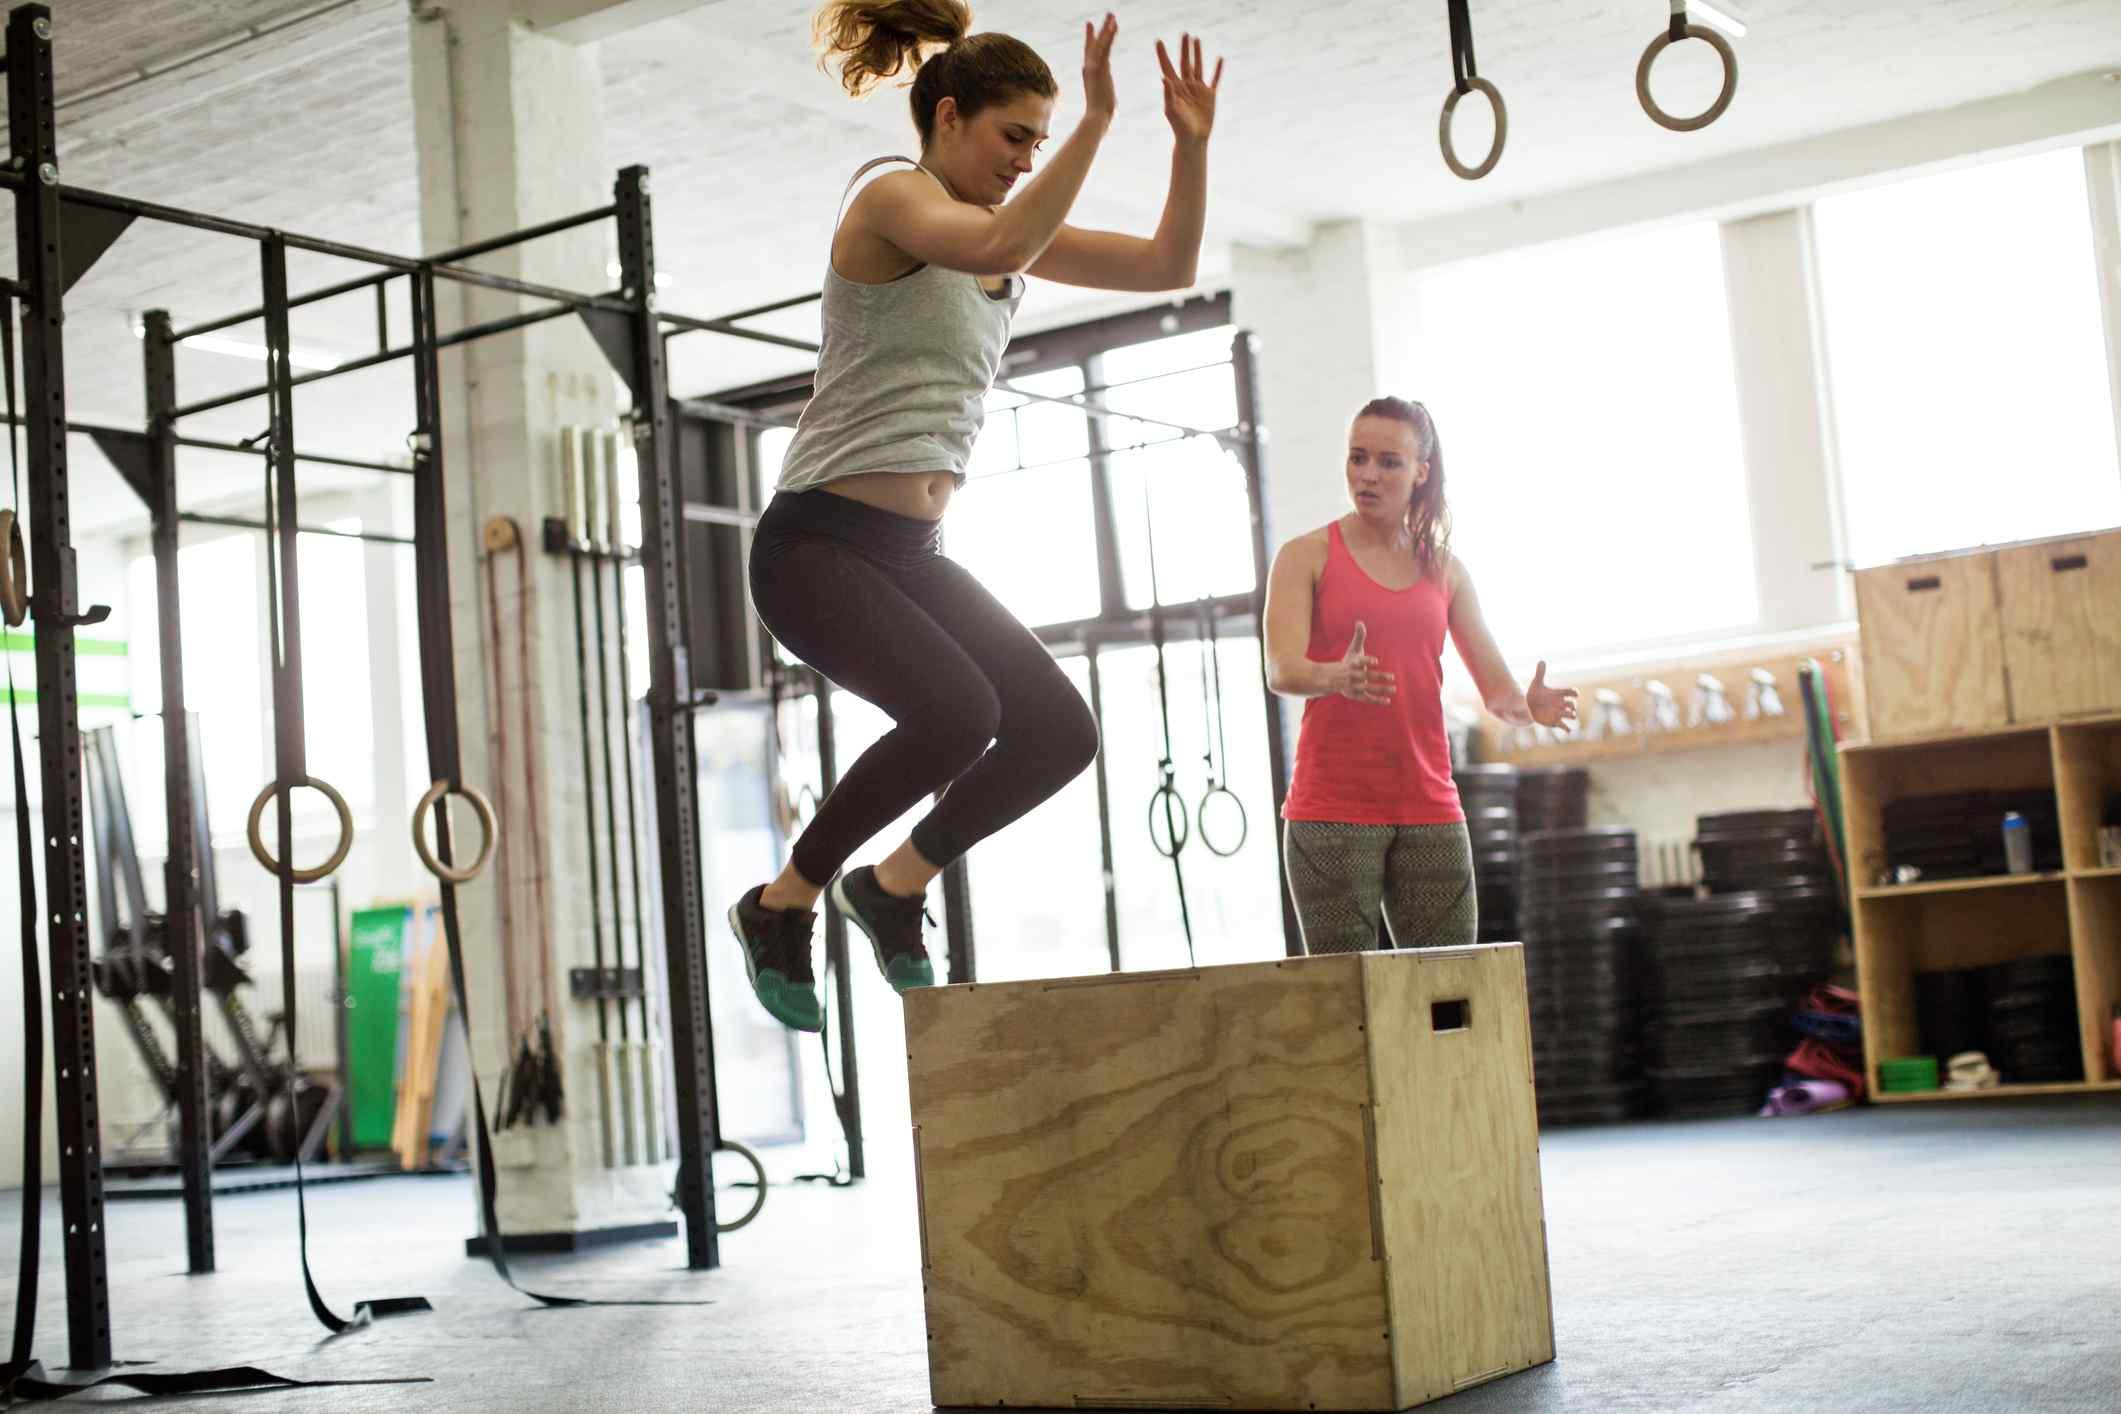 Mujer haciendo salto de caja pliométrica en el gimnasio